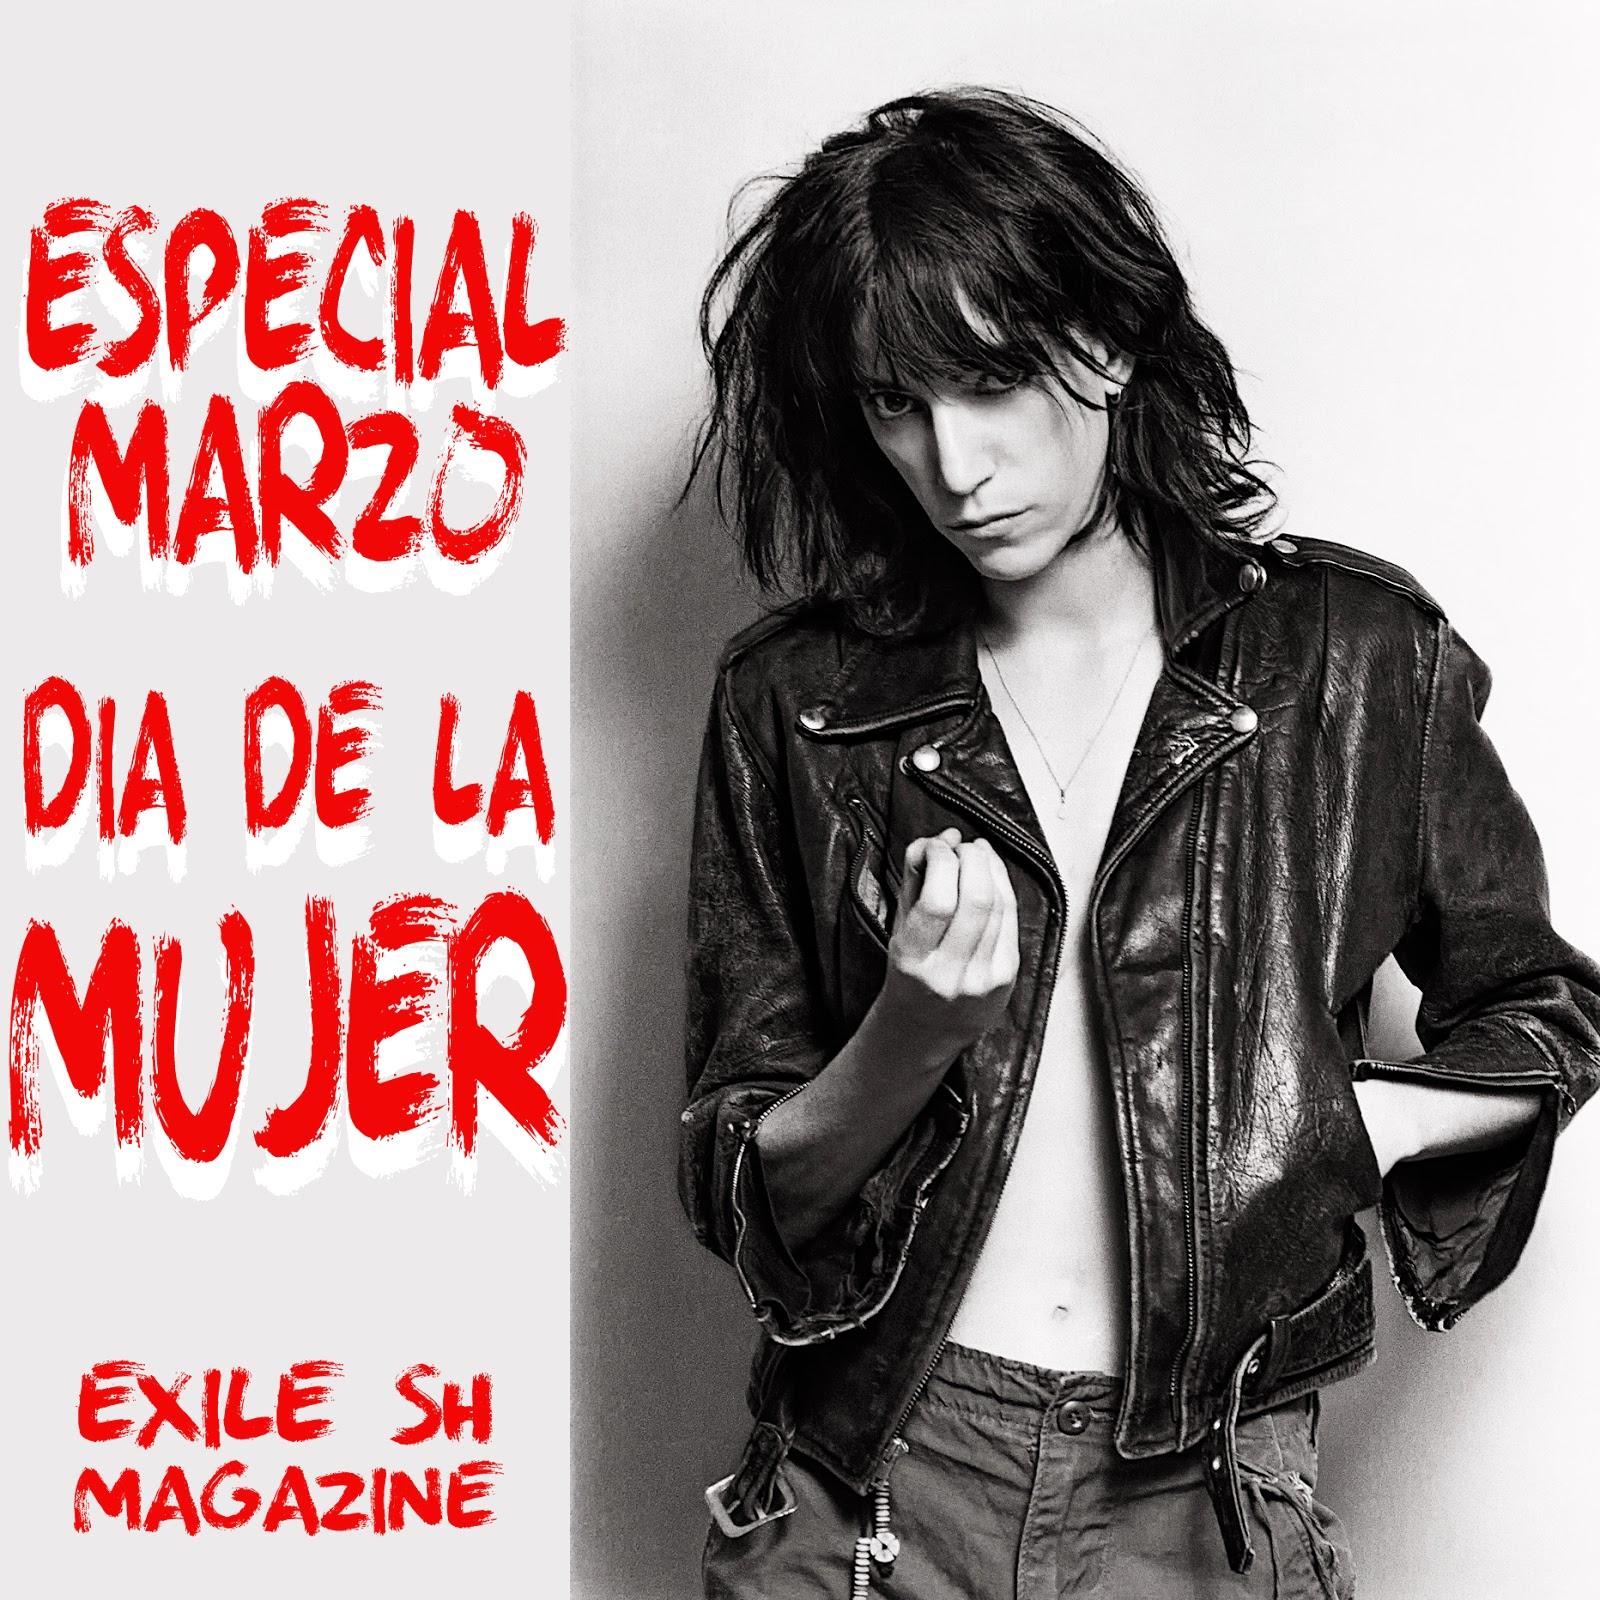 http://www.exileshmagazine.com/2014/03/especial-marzo-los-50-mejores-discos.html